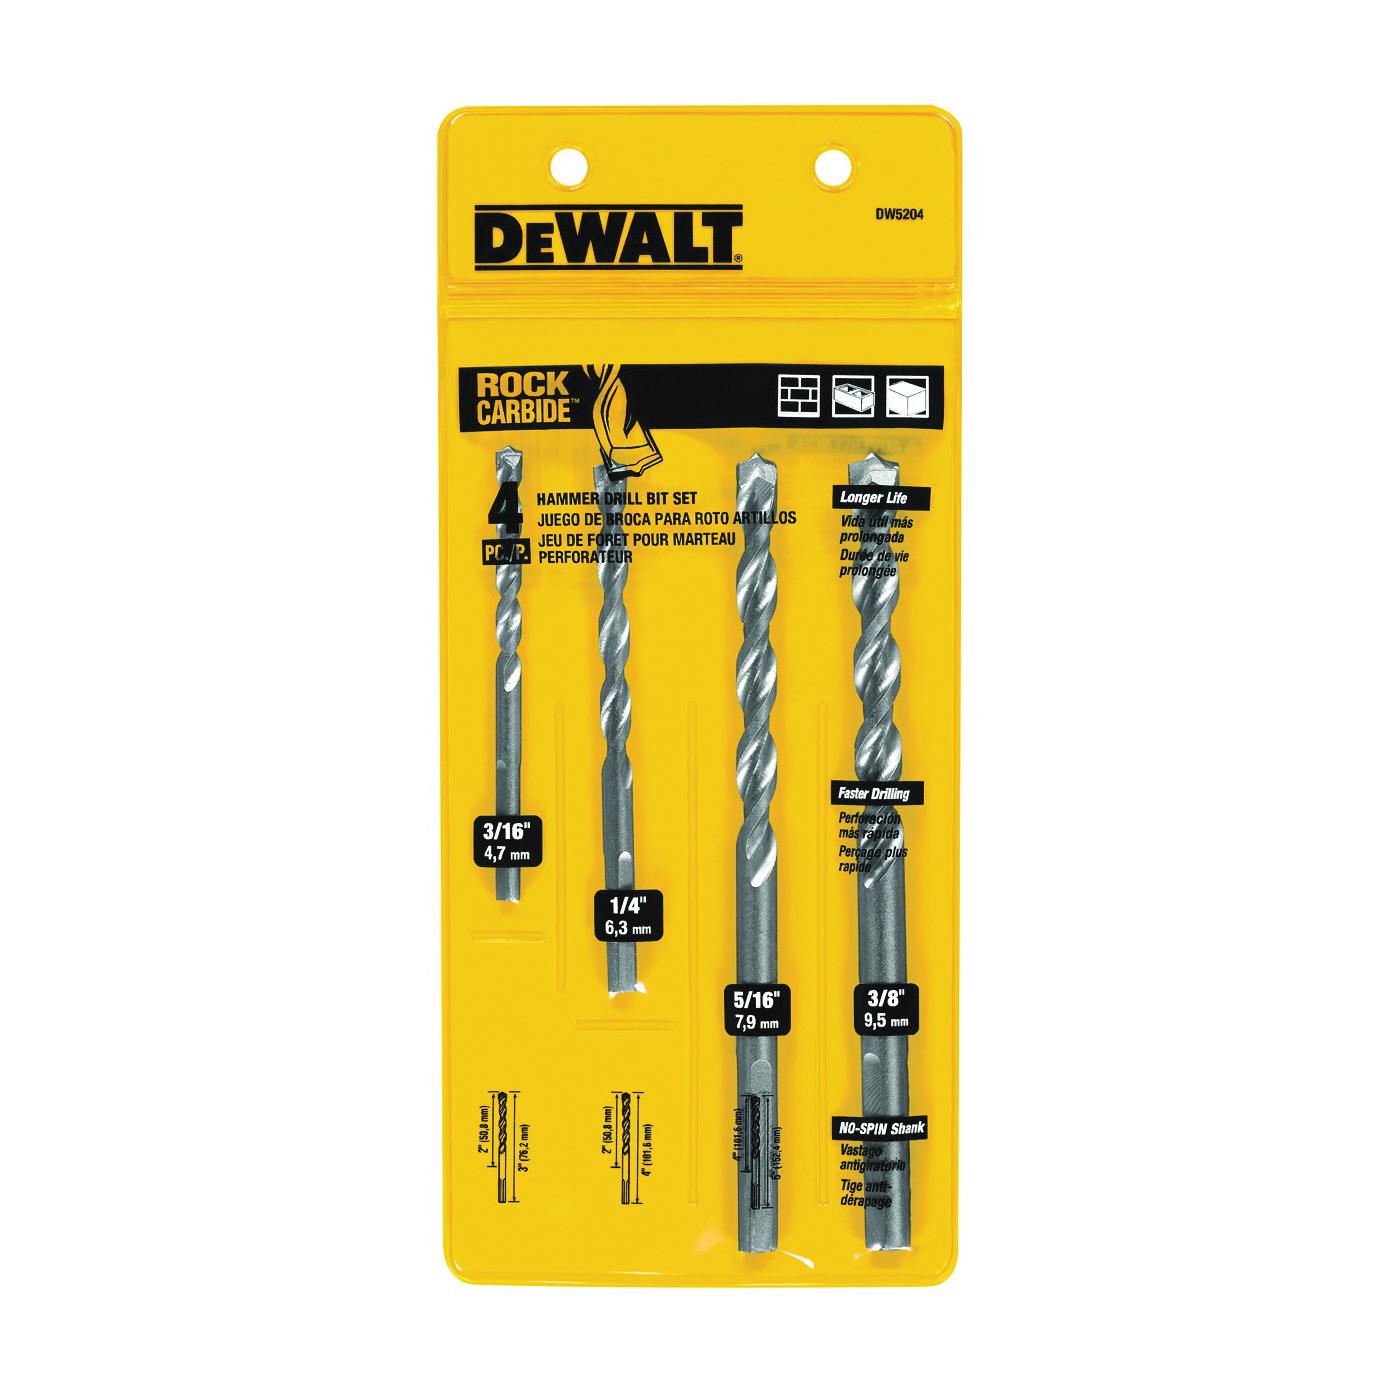 Picture of DeWALT DW5204 Hammer Drill Bit Set, Premium, 4 -Piece, Carbide, Silver